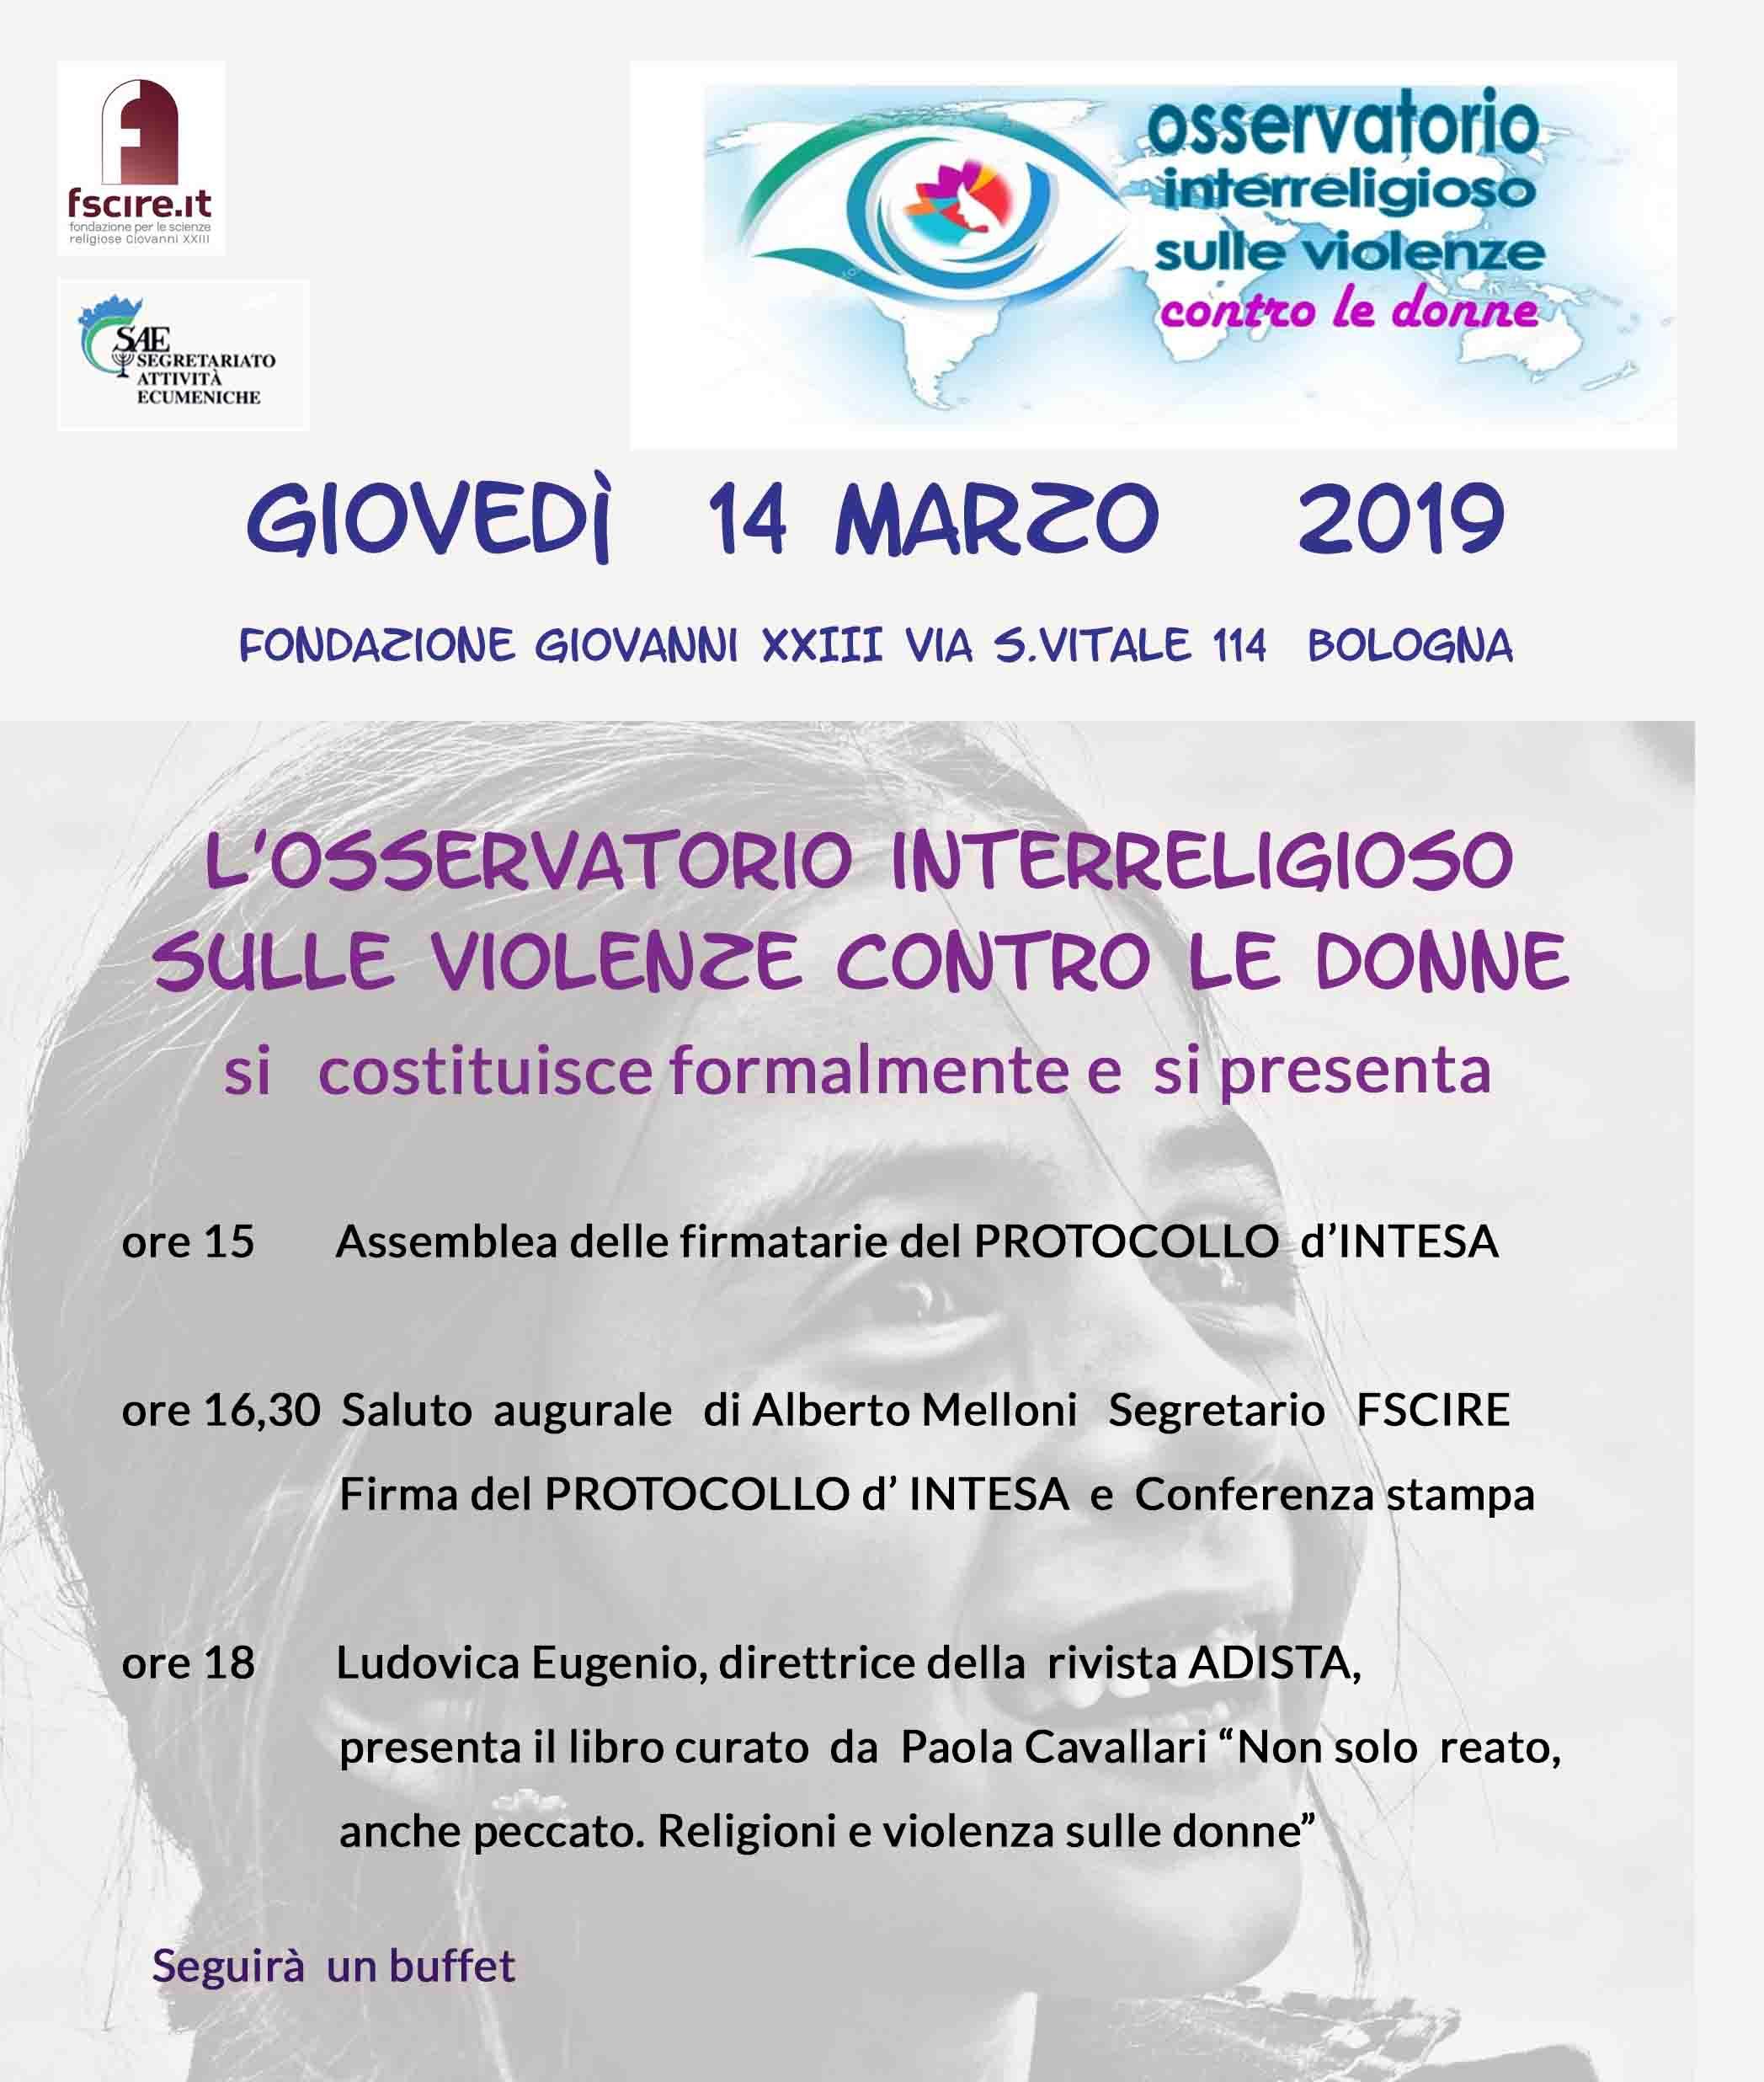 14.03.2019, BOLOGNA: L'Osservatorio interreligioso sulle violenze contro le donne @ Fondazione Giovanni XXIII